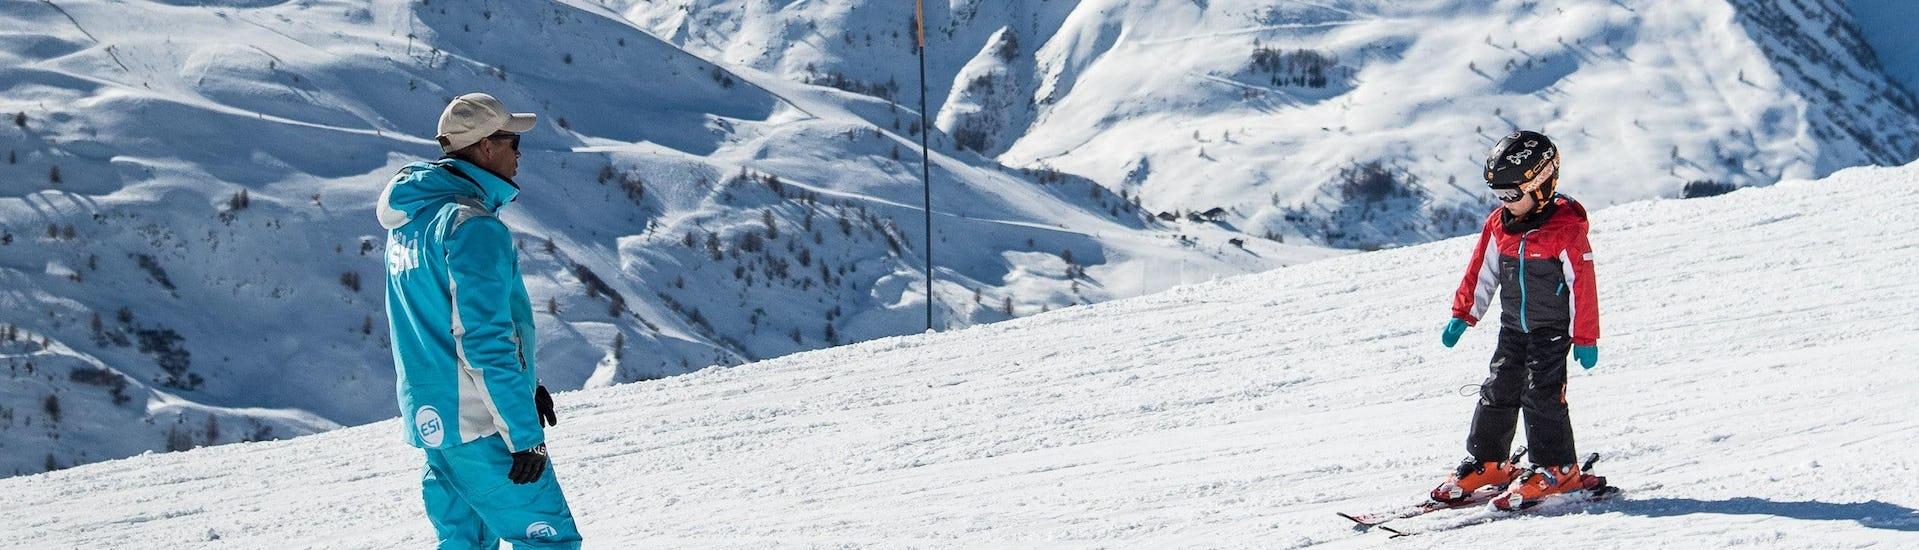 private-ski-lessons-for-kids-february-esi-devoluy-hero